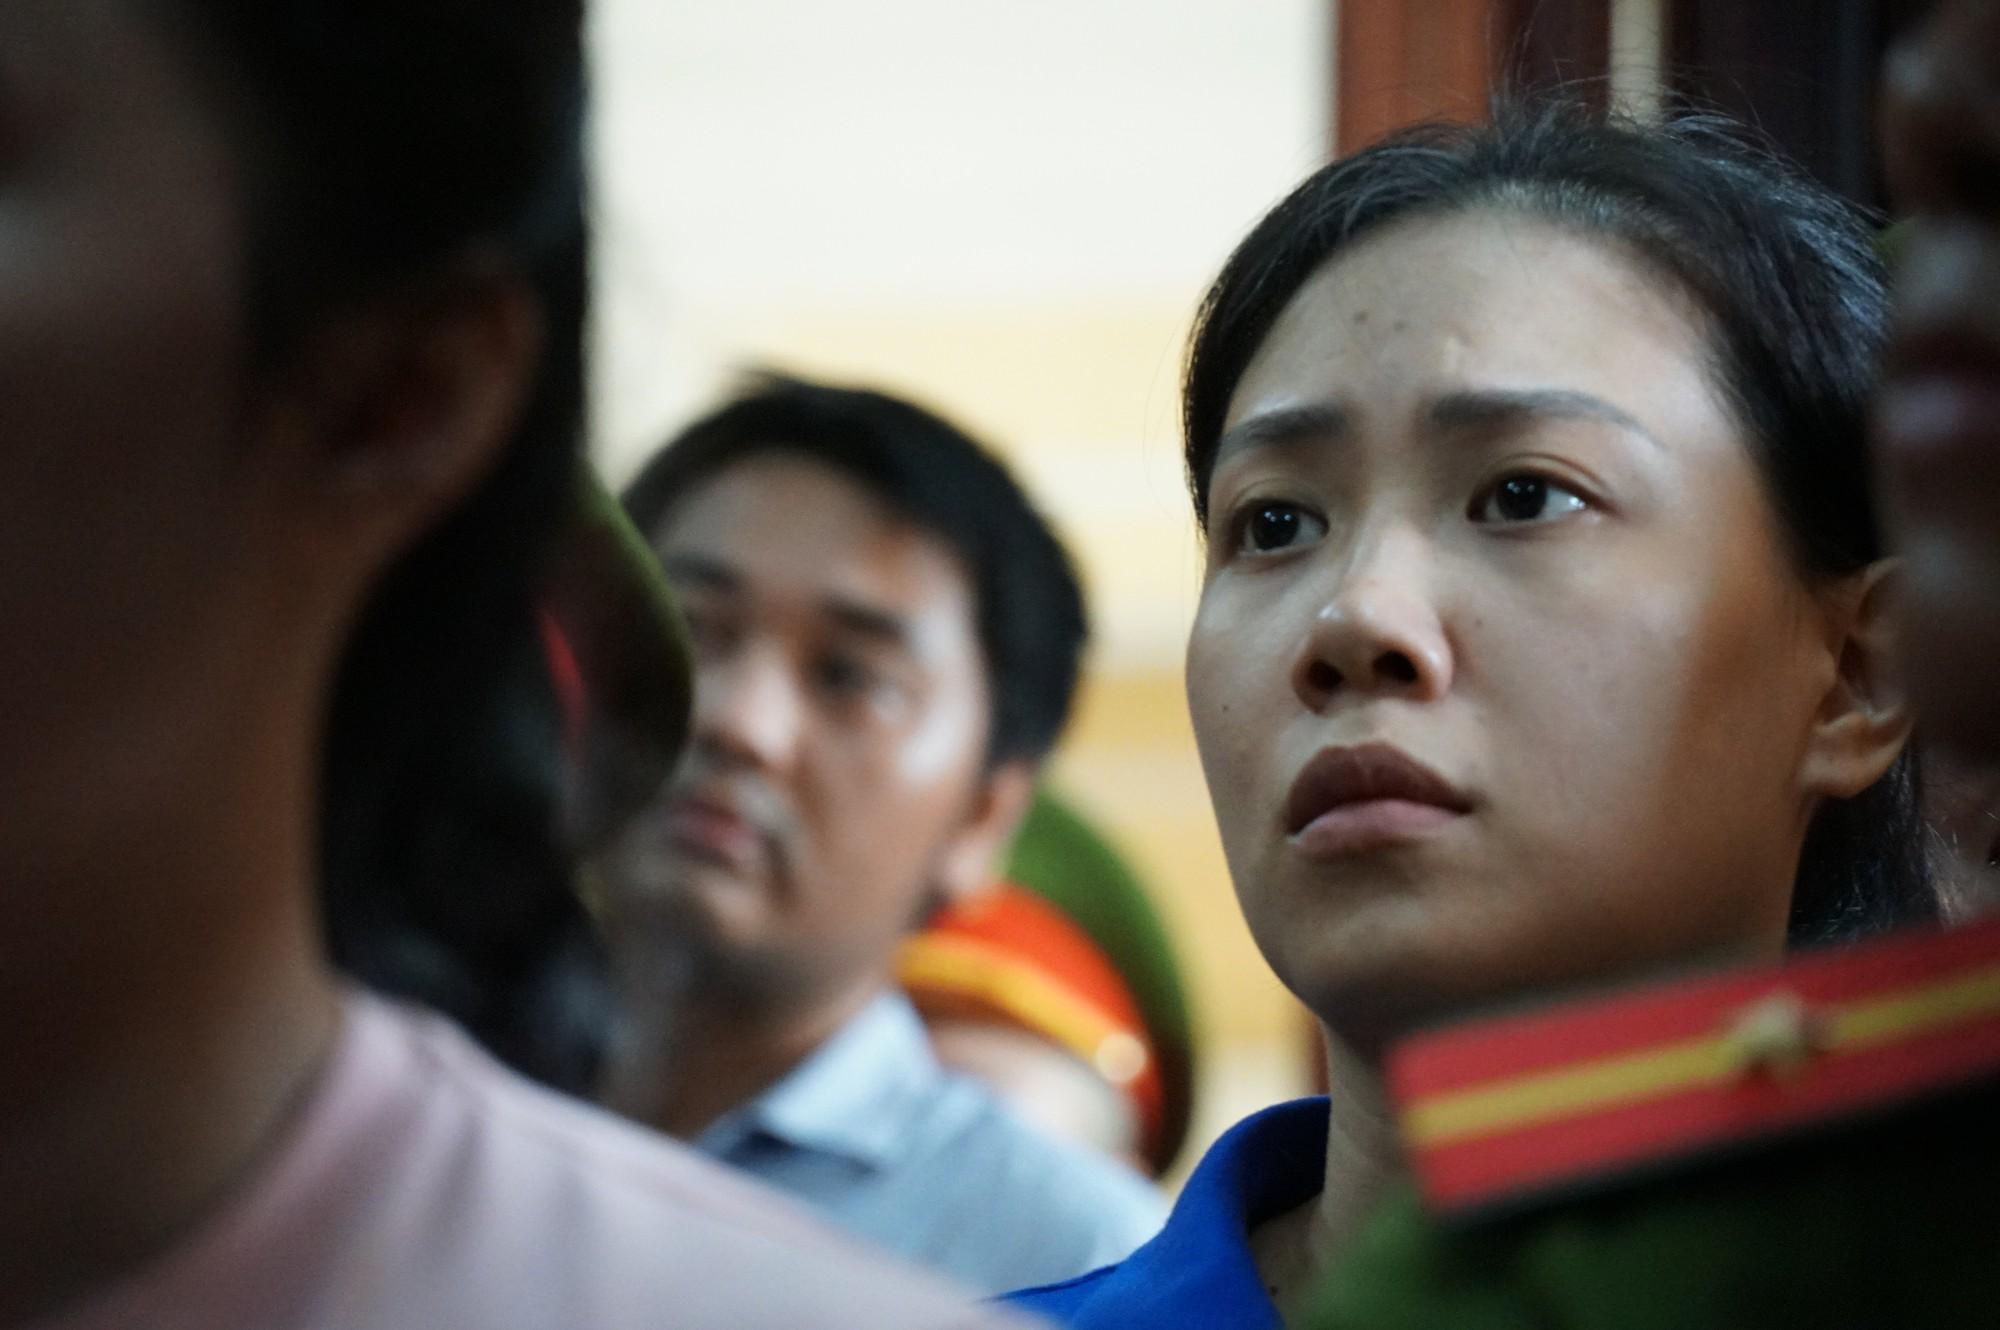 Trả hồ sơ vụ Văn Kính Dương: Người bật khóc, người vui mừng vì chưa phải chứng kiến cảnh con bị tuyên án tử - Ảnh 5.